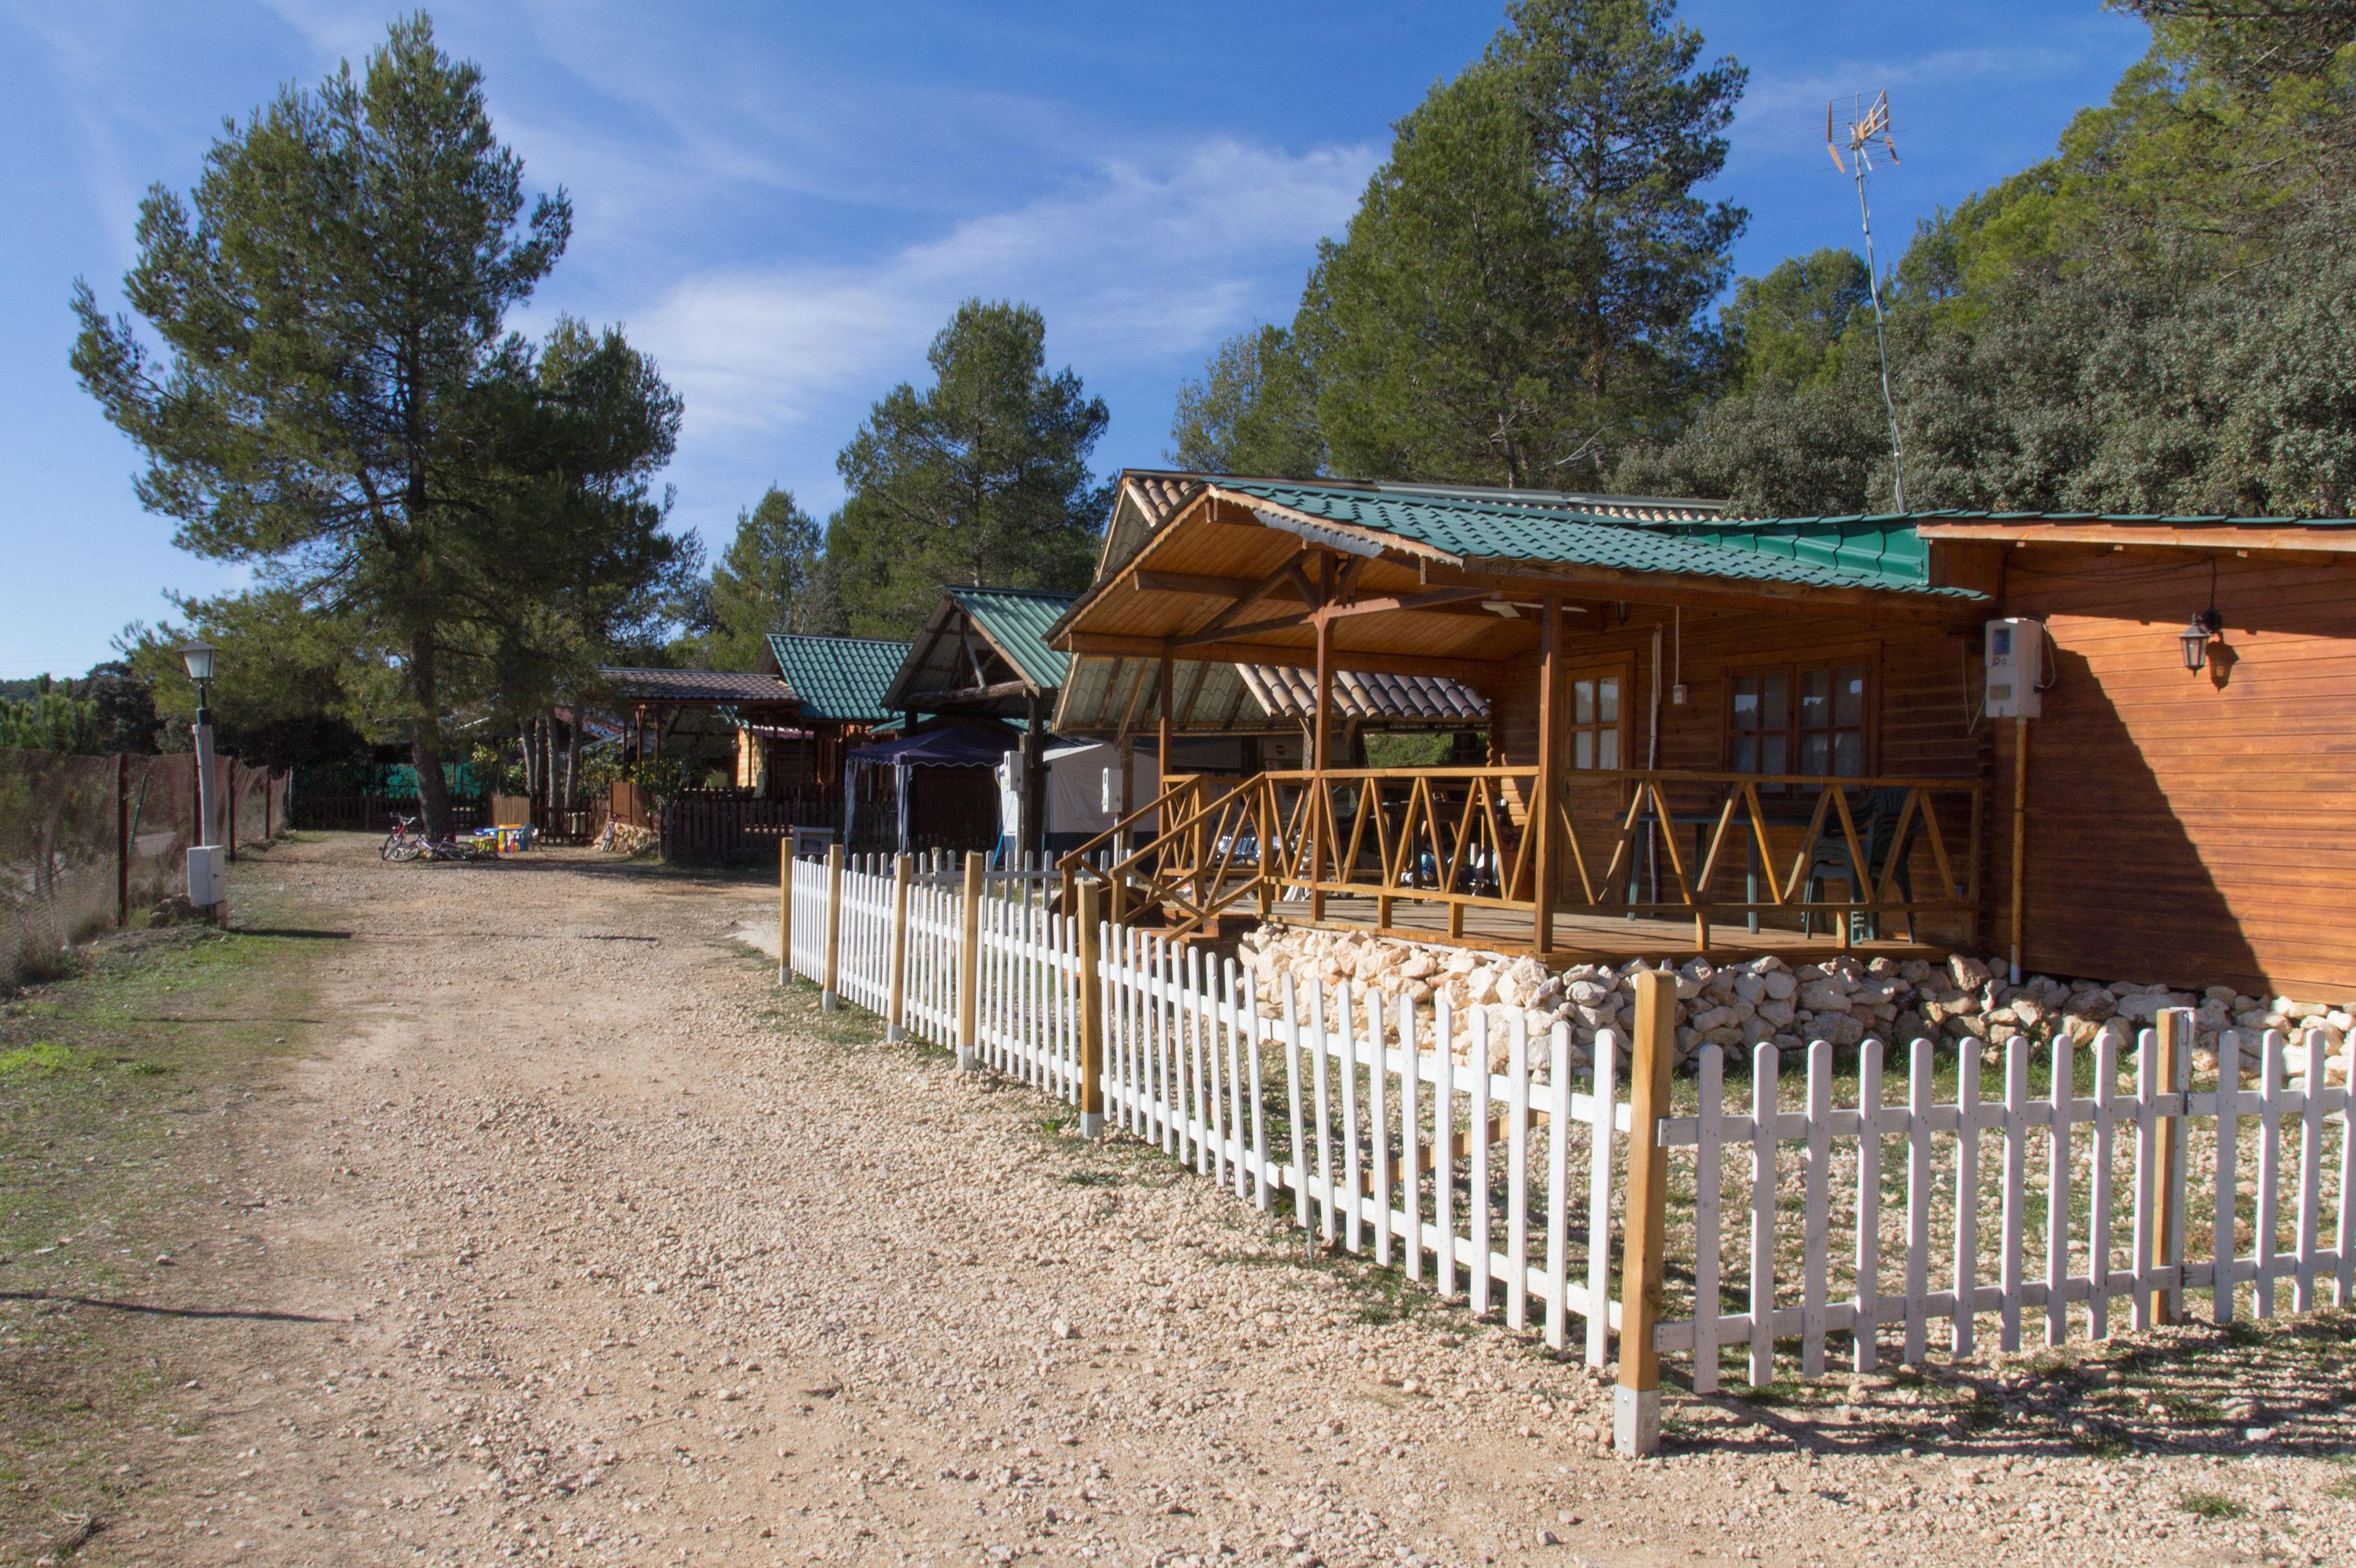 Camping con cabañas en plena naturaleza en Navalón, Enguera, Valencia